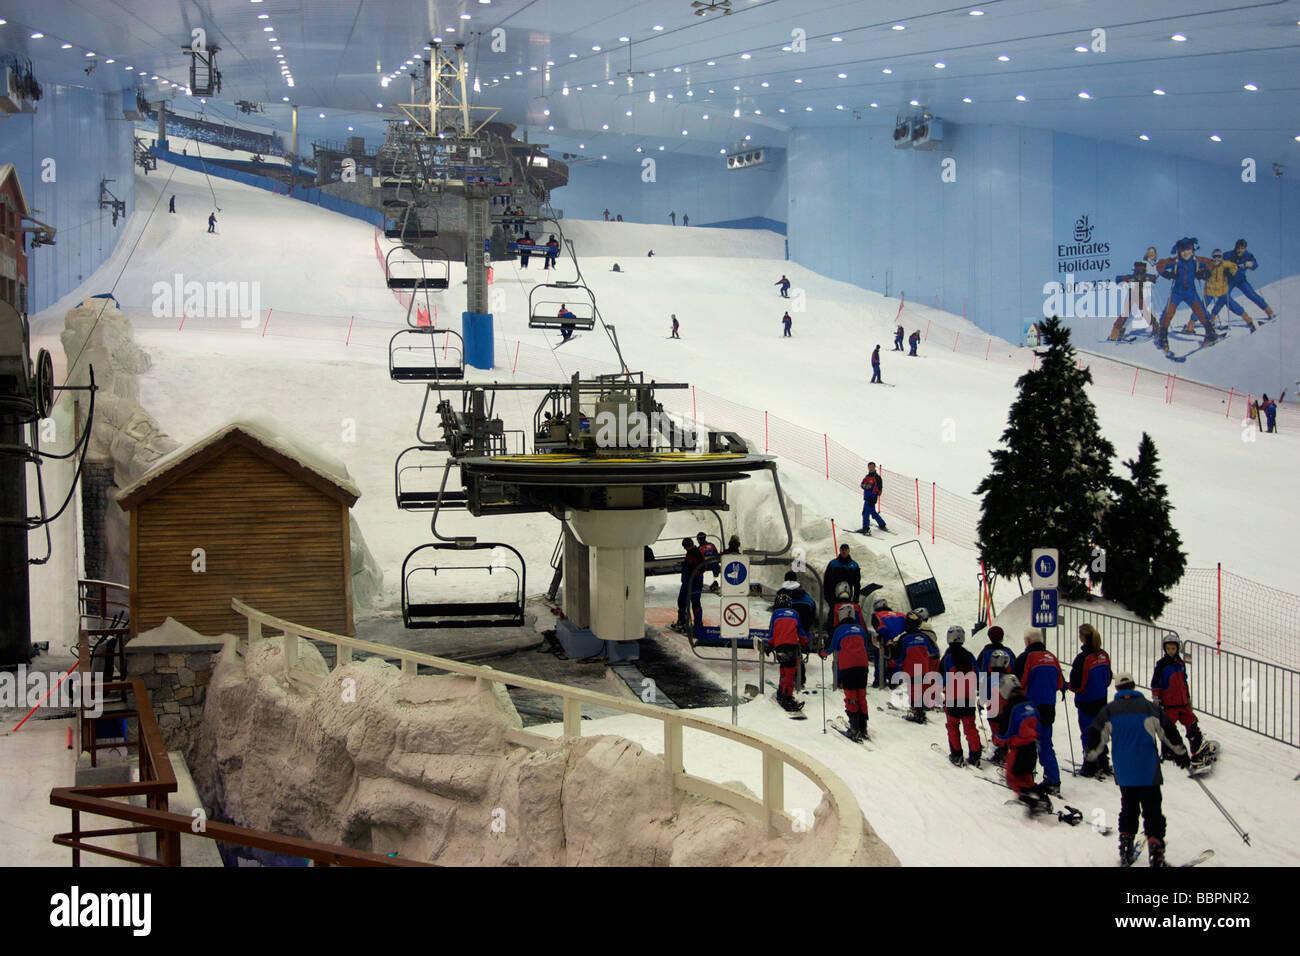 emirates mall ski - photo #26